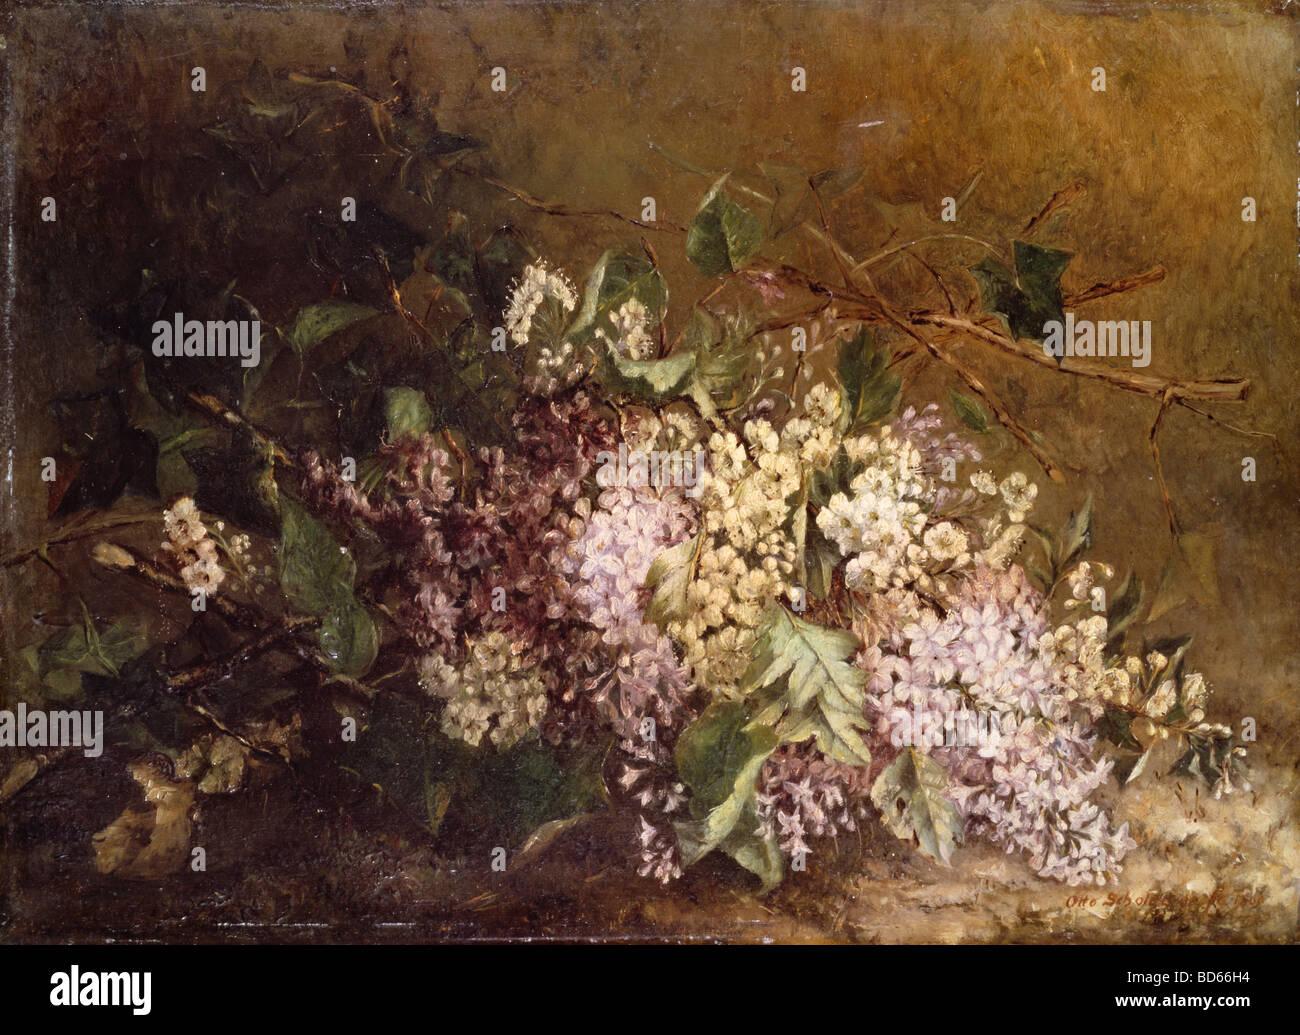 Bellas Artes, Otto Scholderer (1834 - 1902), pintura, 'Stillife con Lila' ('Fliederstilleben'), circa 1860, Lindenau Foto de stock